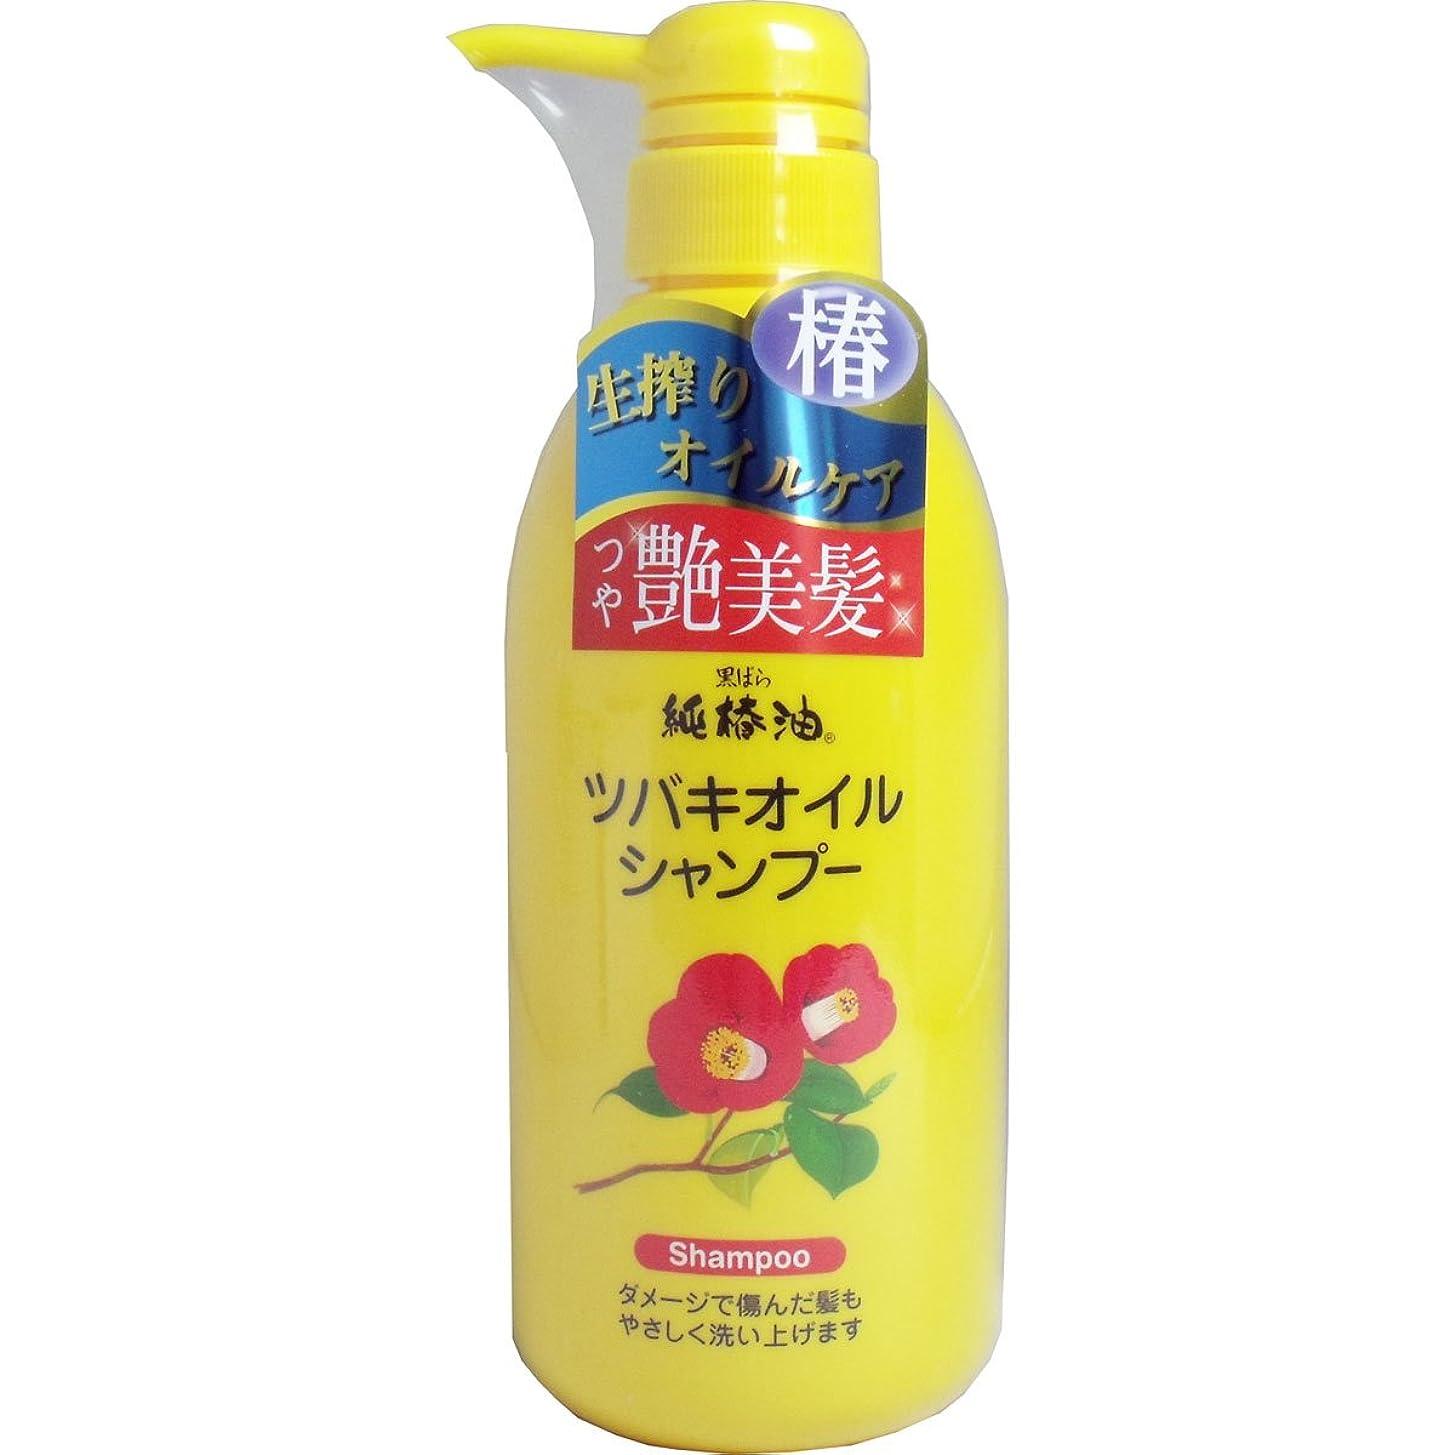 黒ばら 純椿油 ツバキオイルシャンプー 4セット